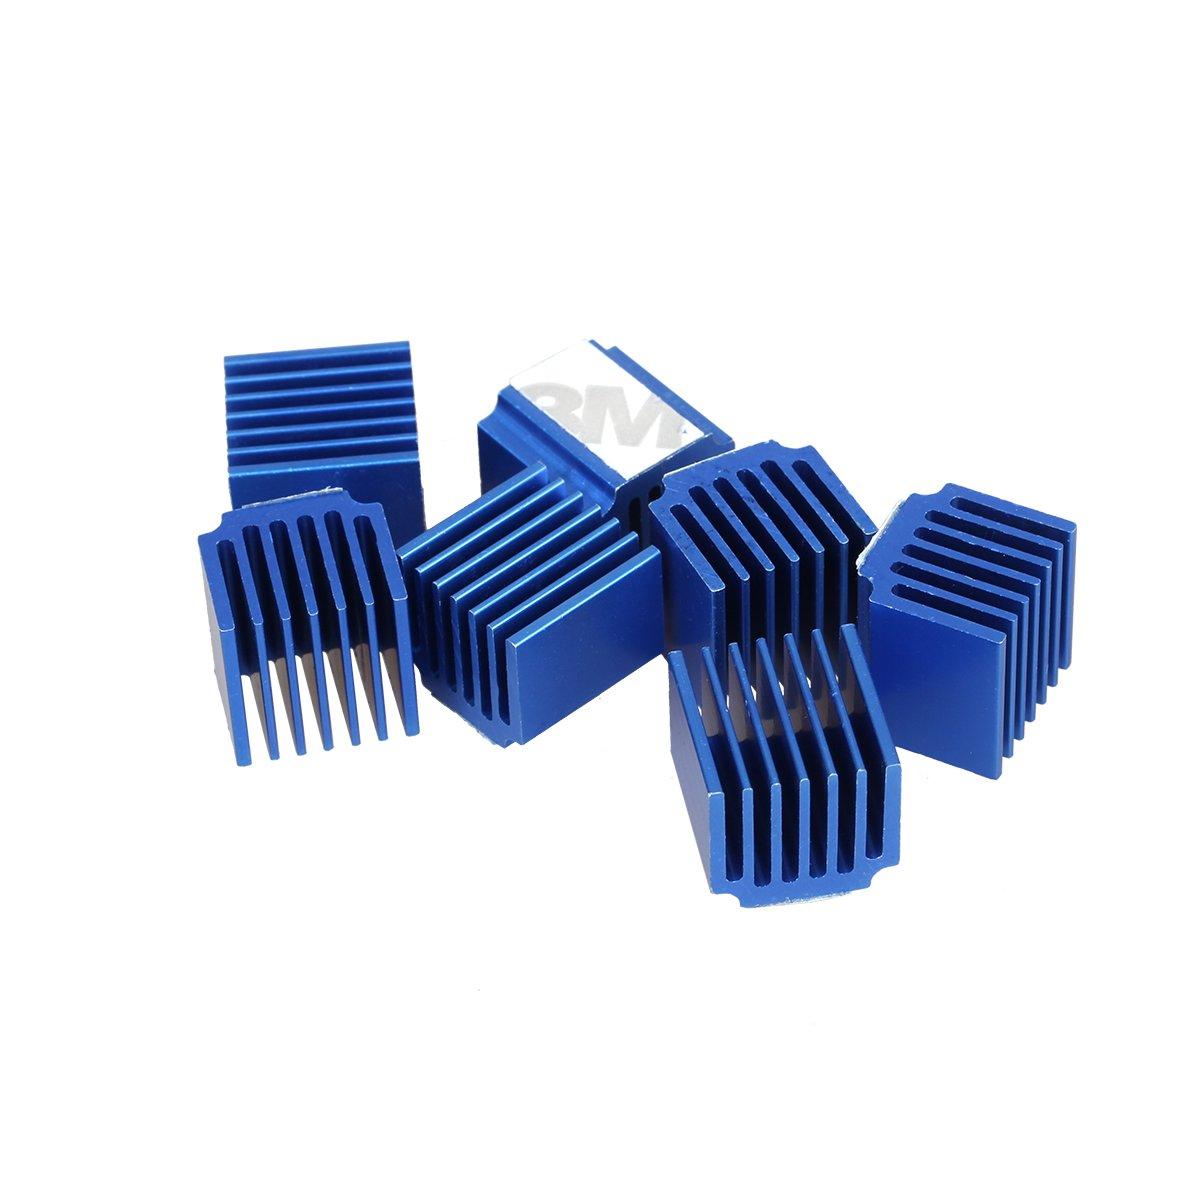 3D Printer Parts Heat Stepper Block Aluminum Cooling Motor Driver Sink Accessory